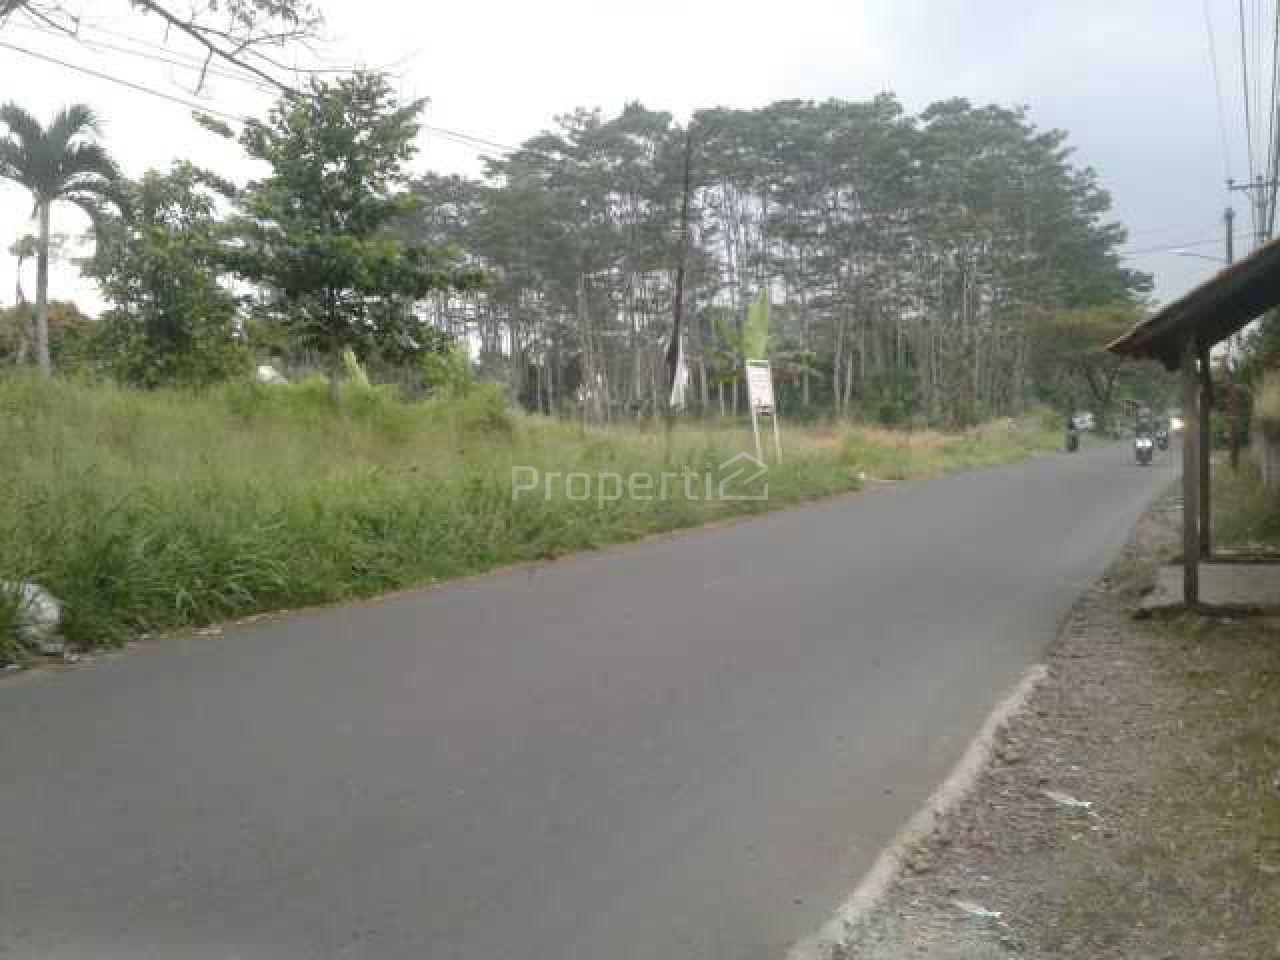 Lahan 25 Ha Peruntukan Perumahan di Bogor, Kab. Bogor